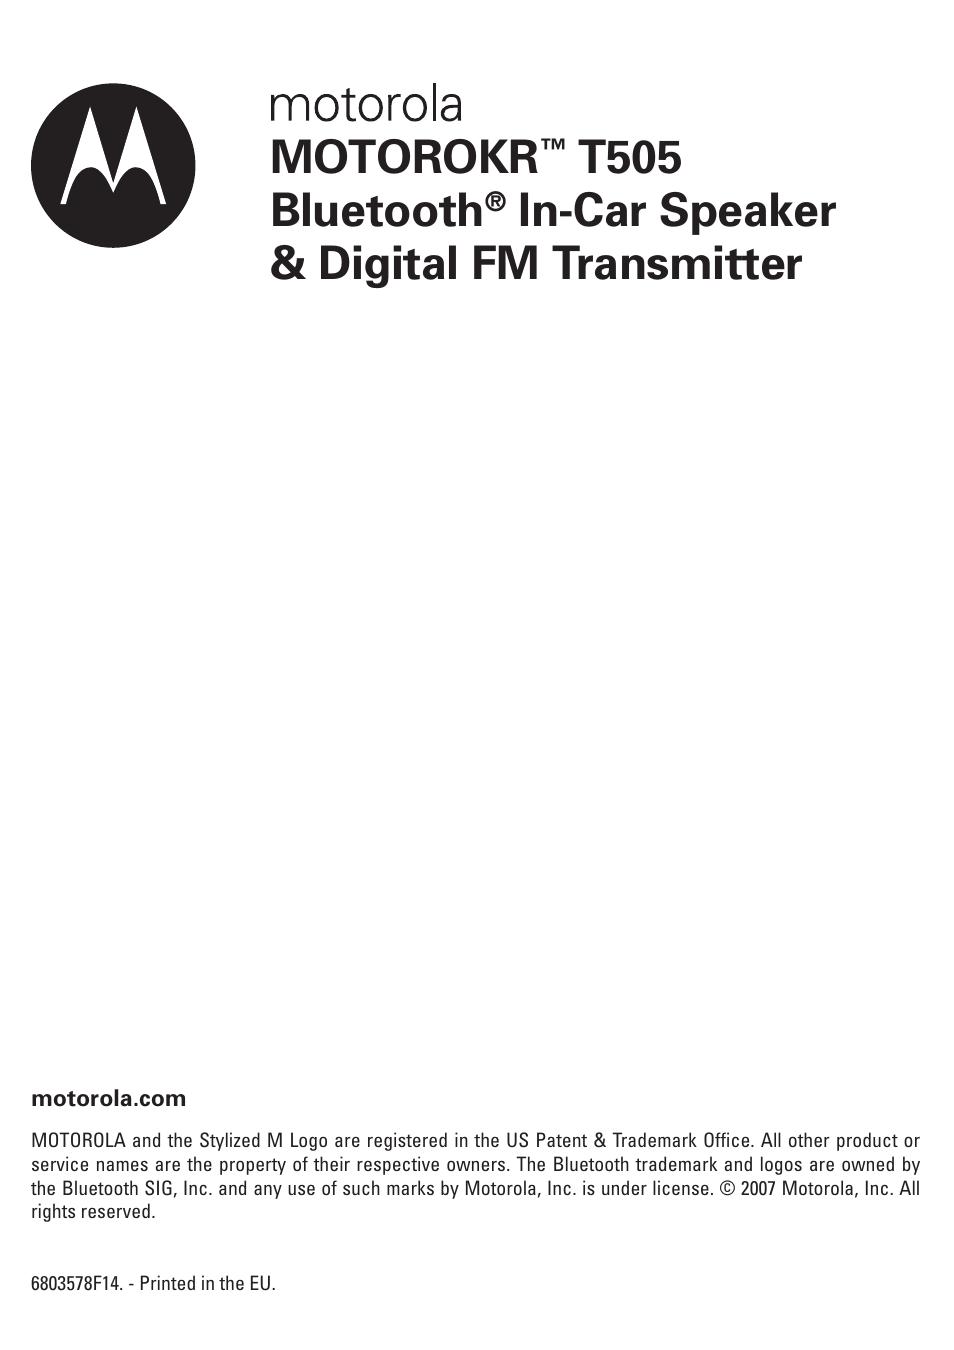 motorokr t505 bluetooth in car speaker digital fm transmitter rh manualsdir com Motorola Bluetooth N136 Manual Found Motorola Bluetooth Headsets User Manual